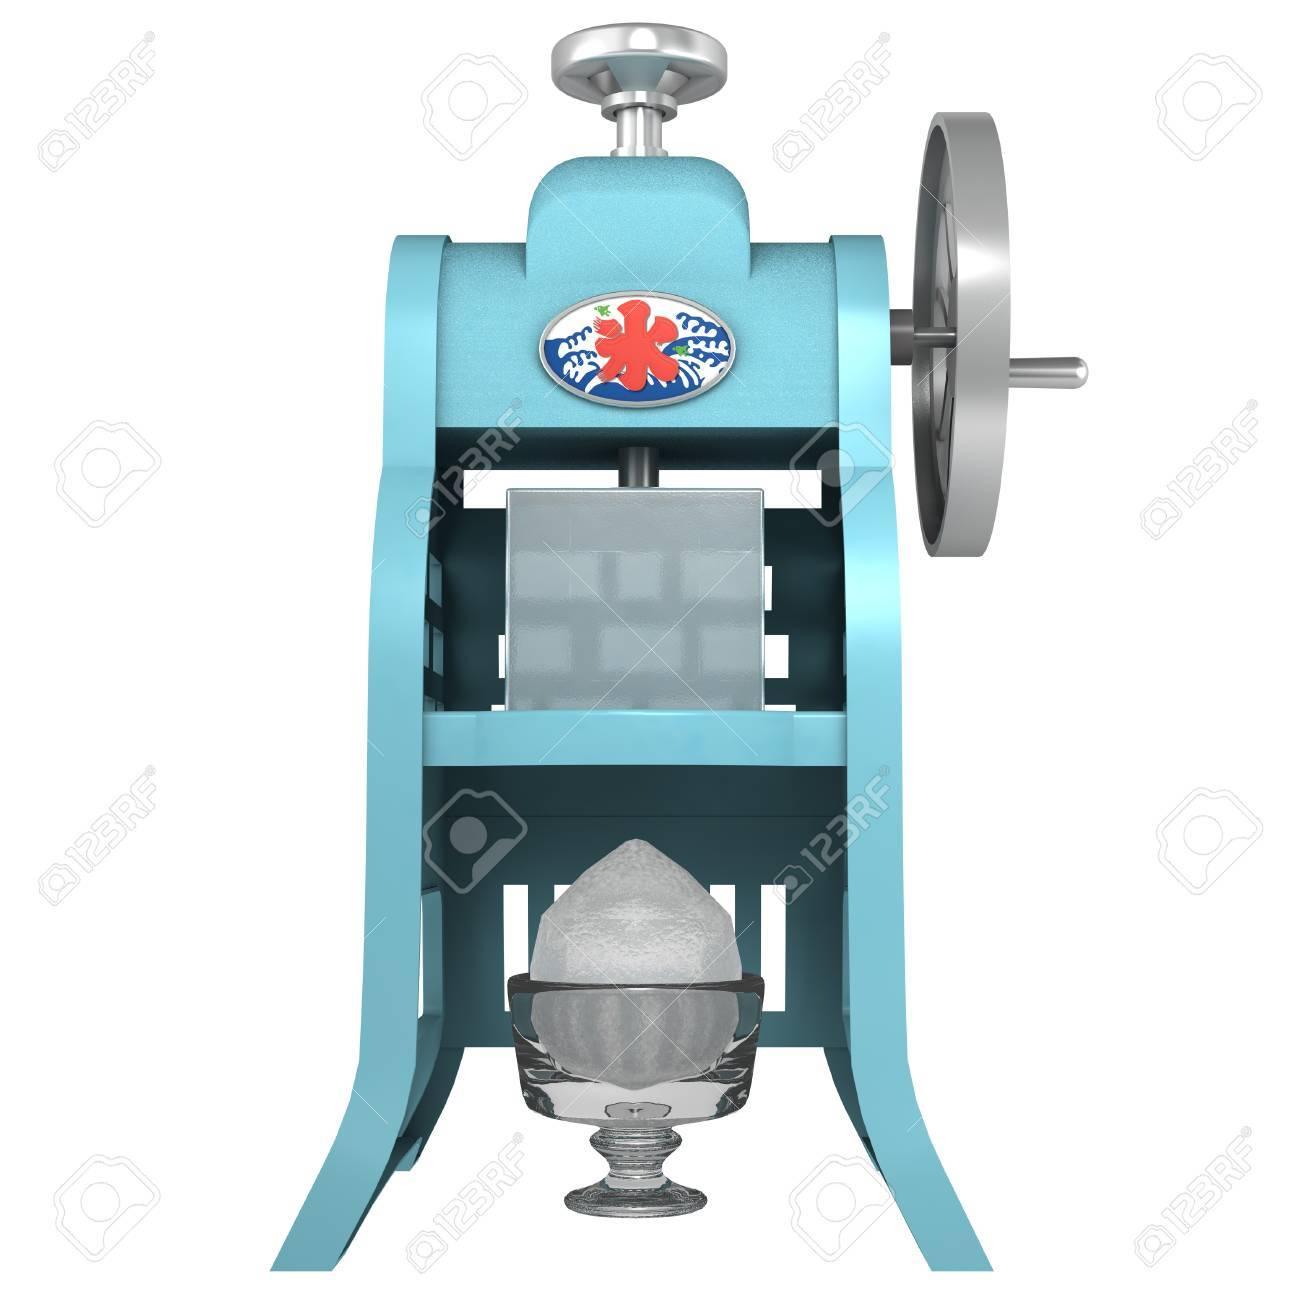 かき氷機 の写真素材画像素材 Image 18192099